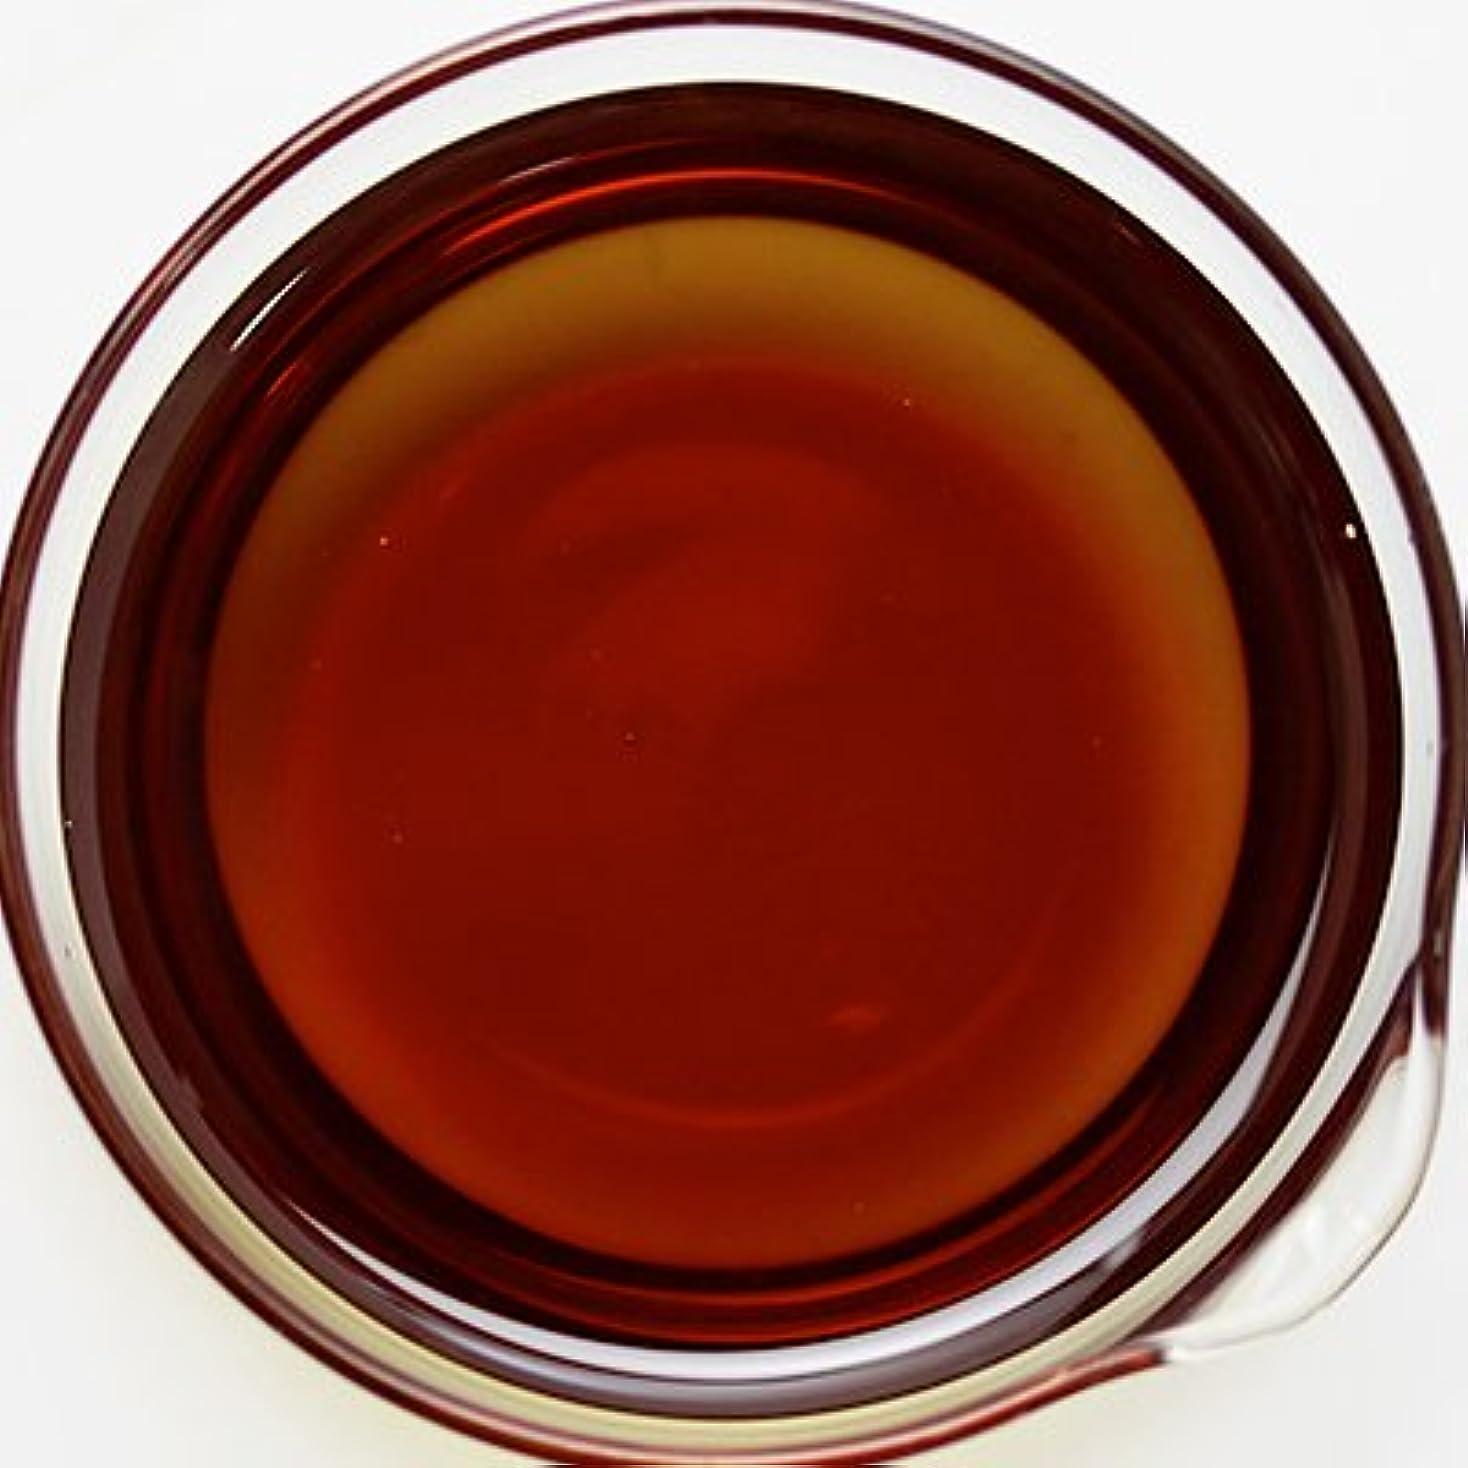 染色航海のキャッシュオーガニック 未精製パンプキンシードオイル 1L 【ペポカボチャ種子油/手作りコスメ/美容オイル/キャリアオイル/マッサージオイル】